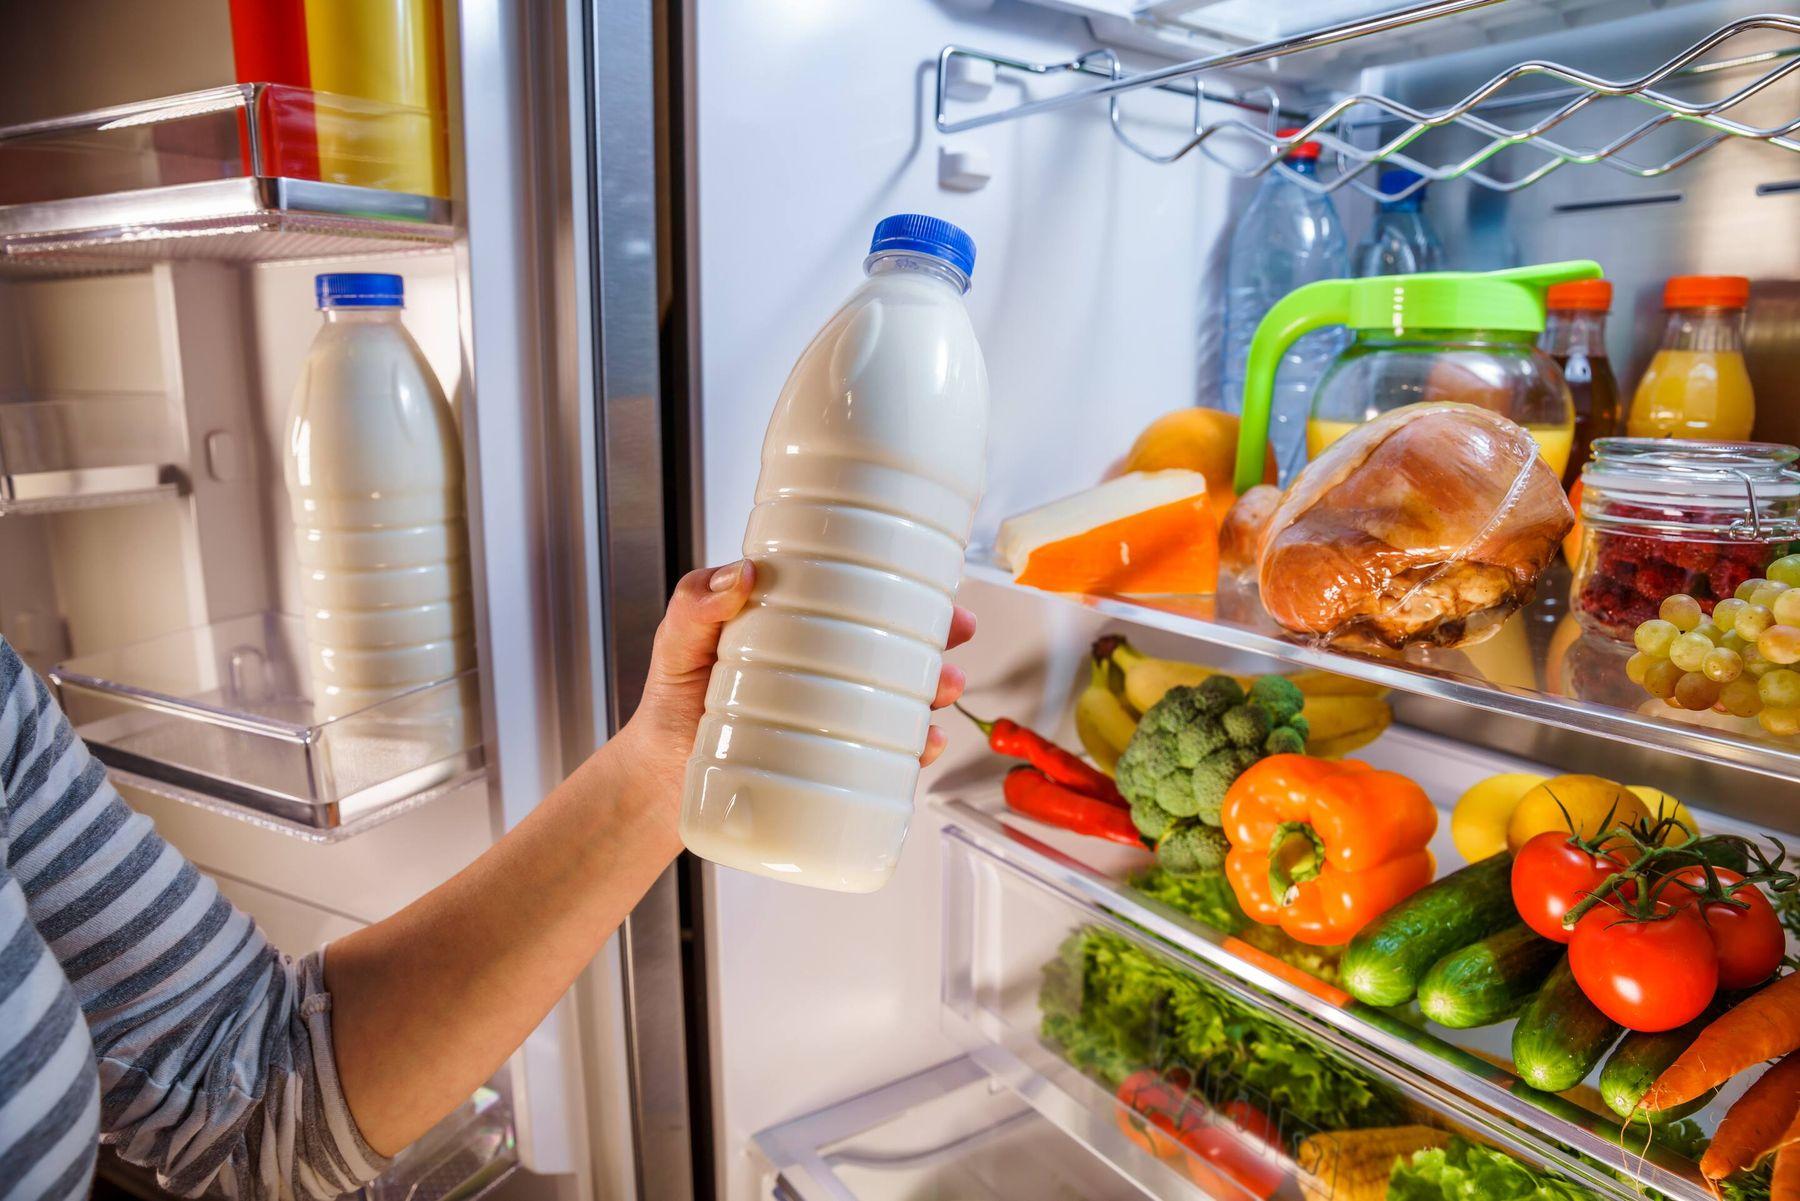 Bảo quản rau trong tủ lạnh quá lâu khiến chất dinh dưỡng bị hao hụt